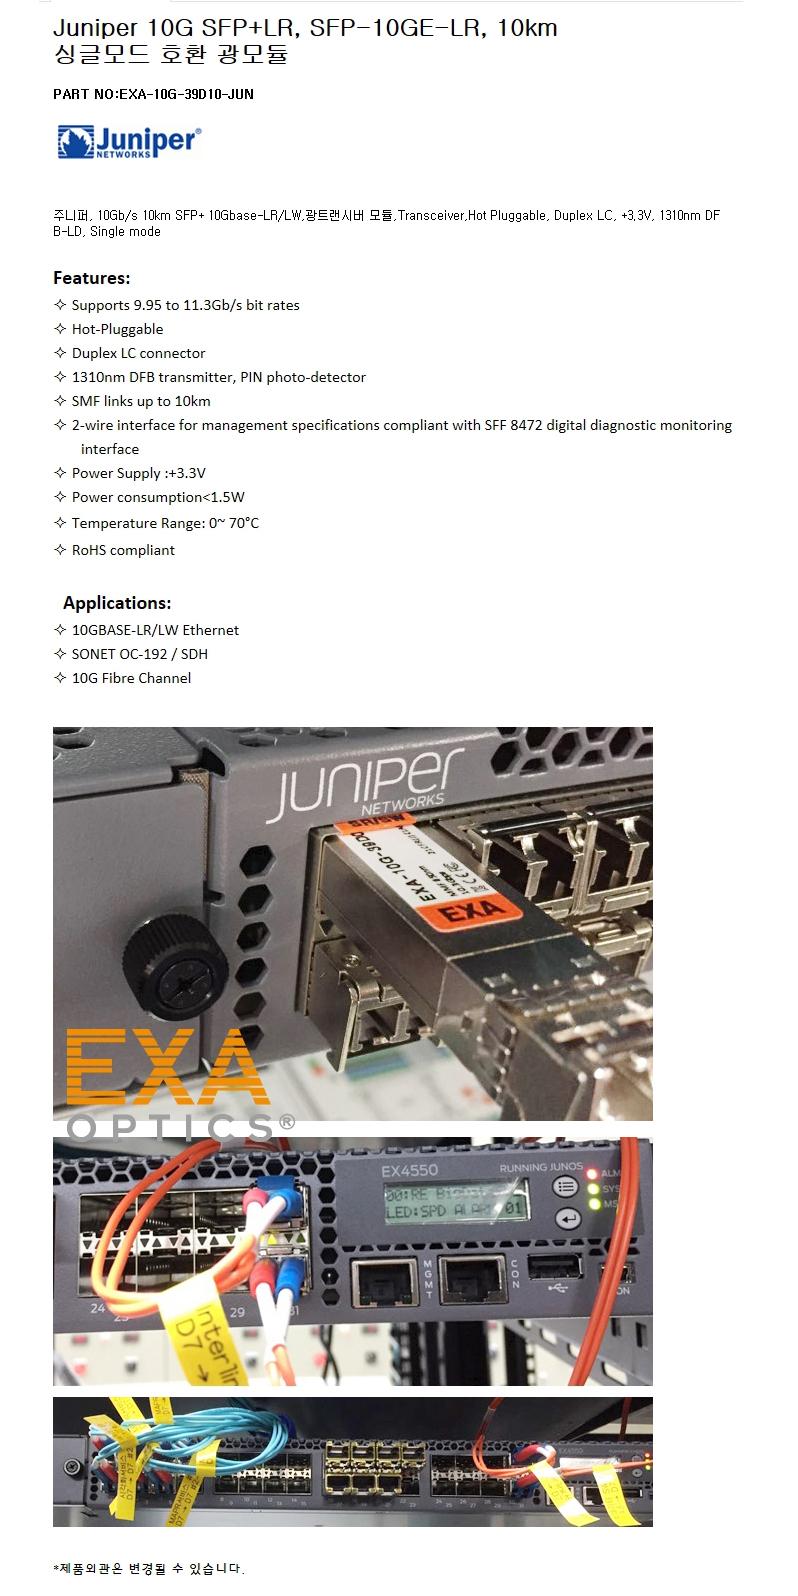 Juniper SFP-10GE-LR 10km Compatible Transceiver